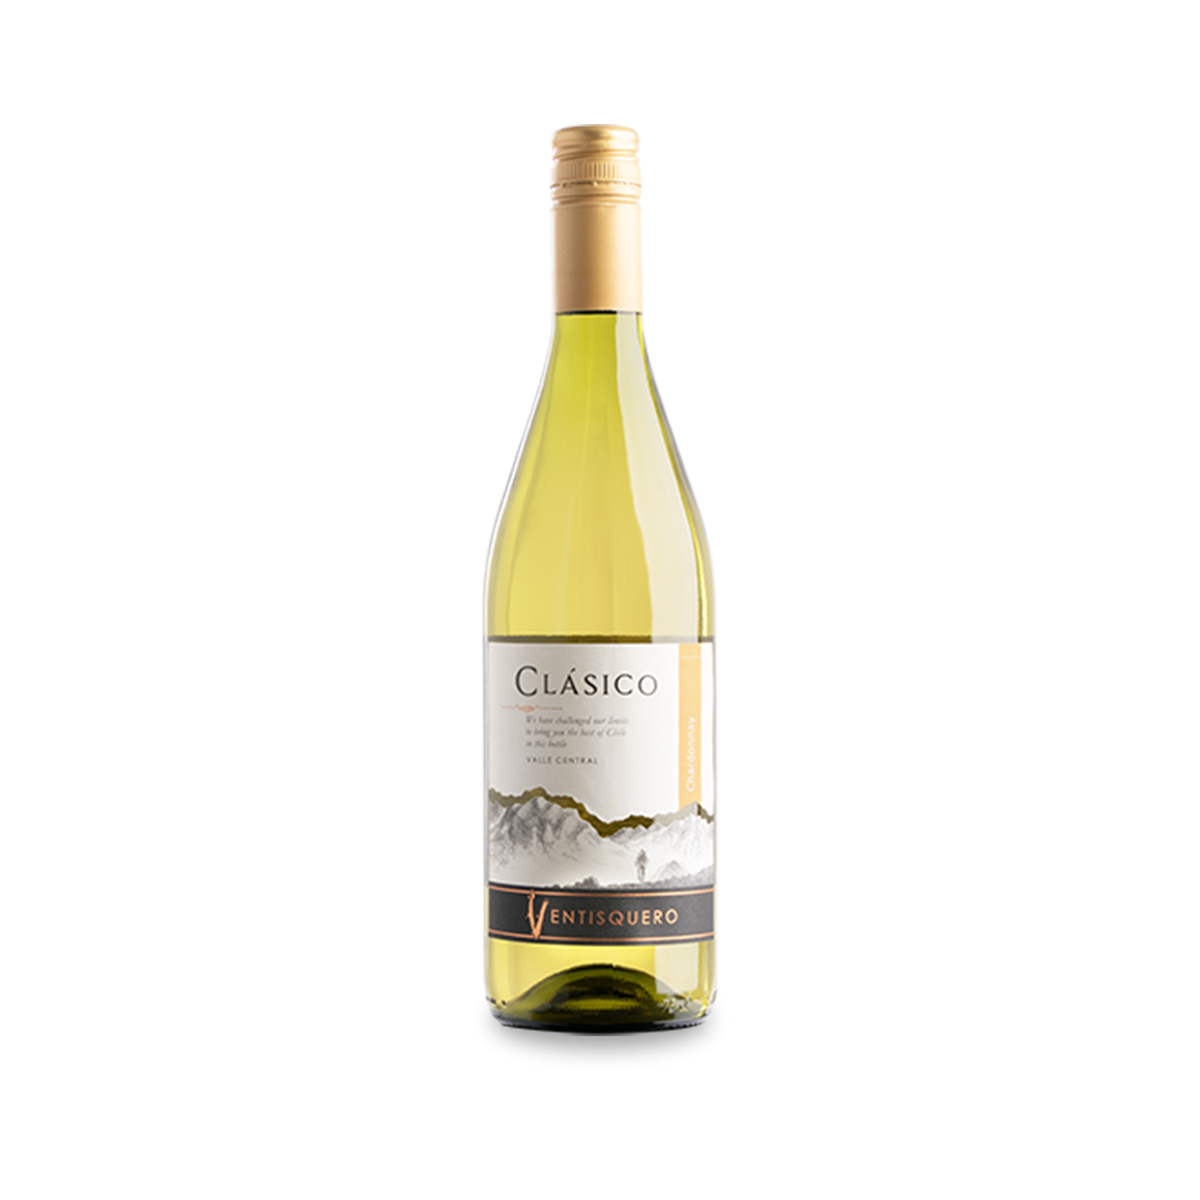 冰川經典系列葡萄酒-10